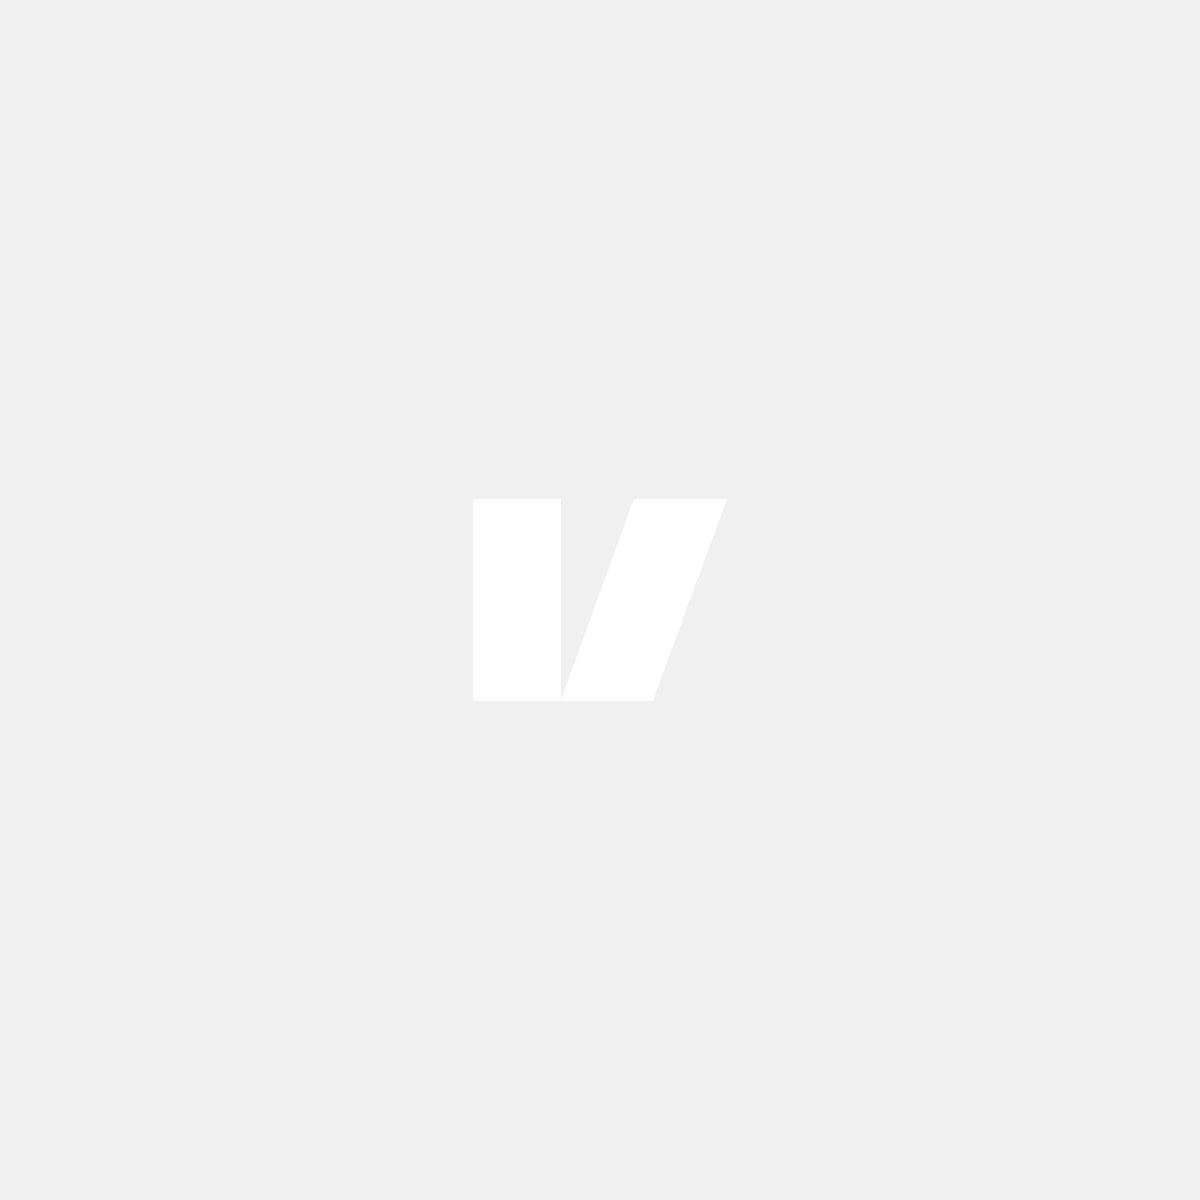 Funktionsadderare XL för Volvo S60, S80, V70, XC70, XC90, 05-